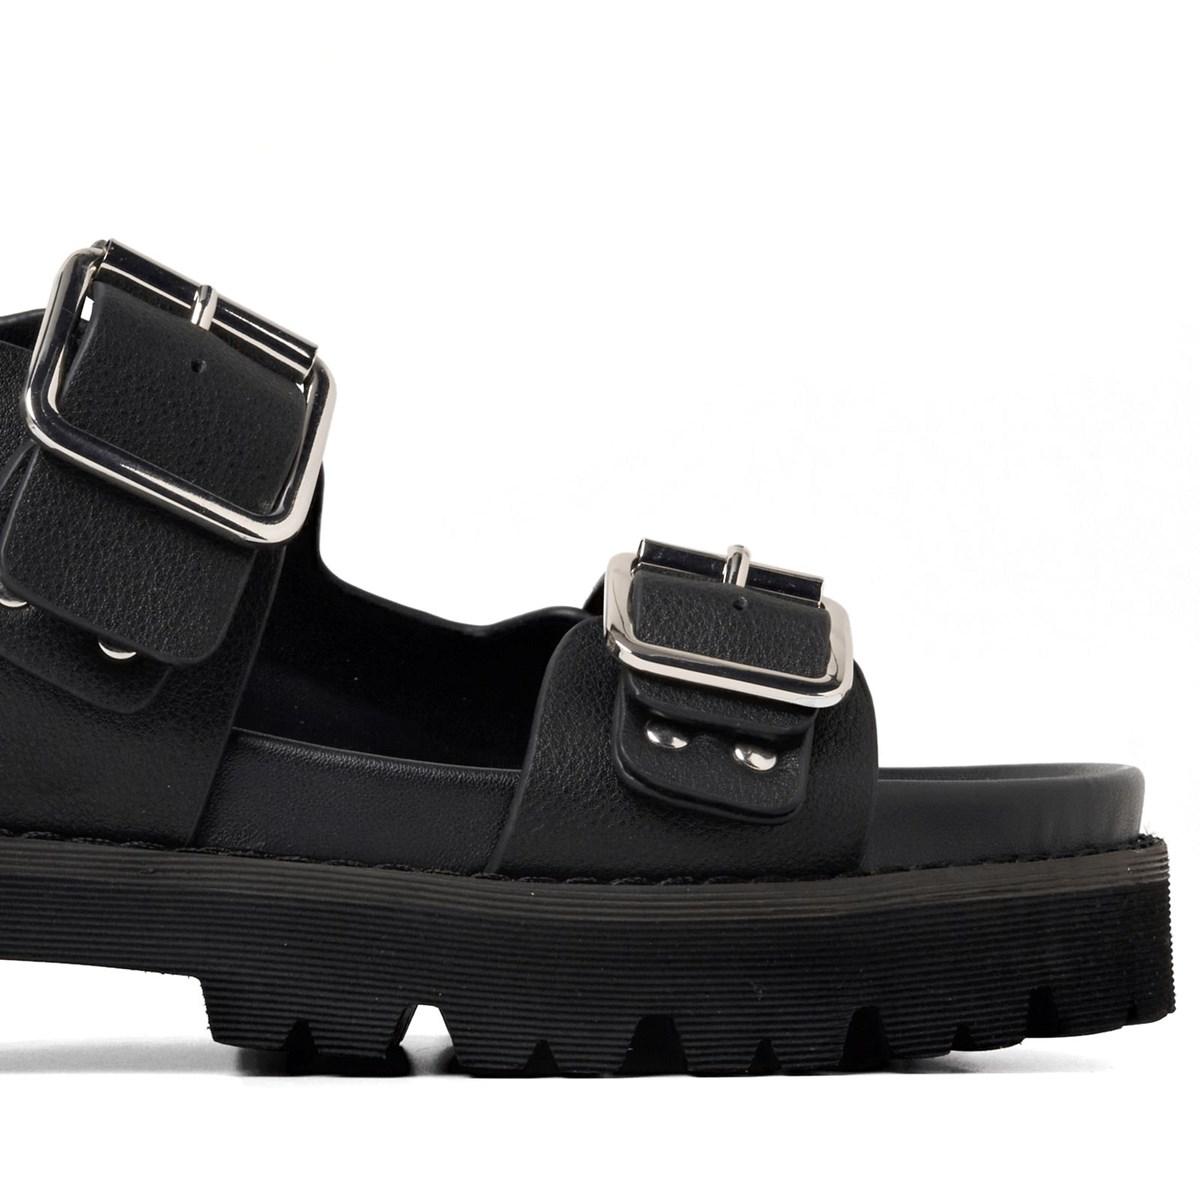 JUNE-11258-BLACK ジューン ブラック